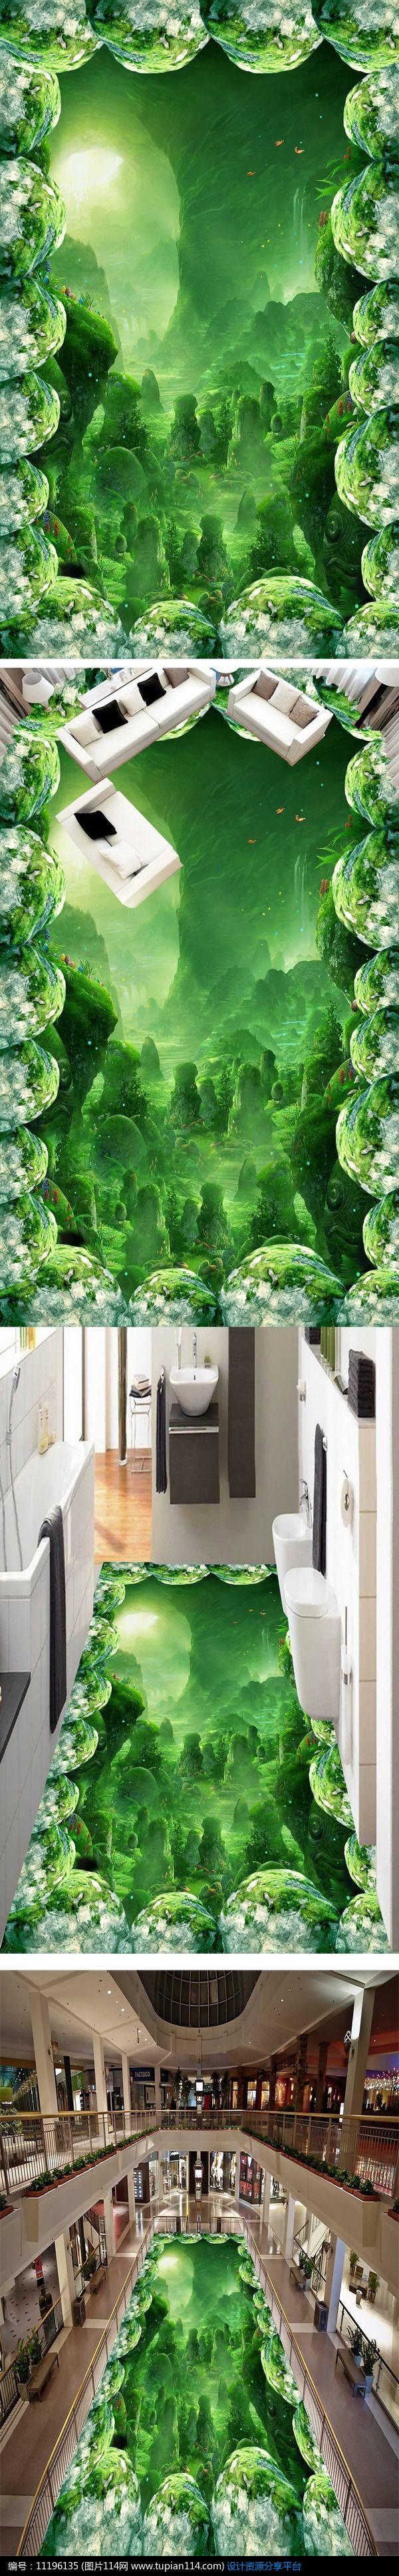 奇幻梦幻森林浴室厨房3d地板地贴,其他,建筑空间psd